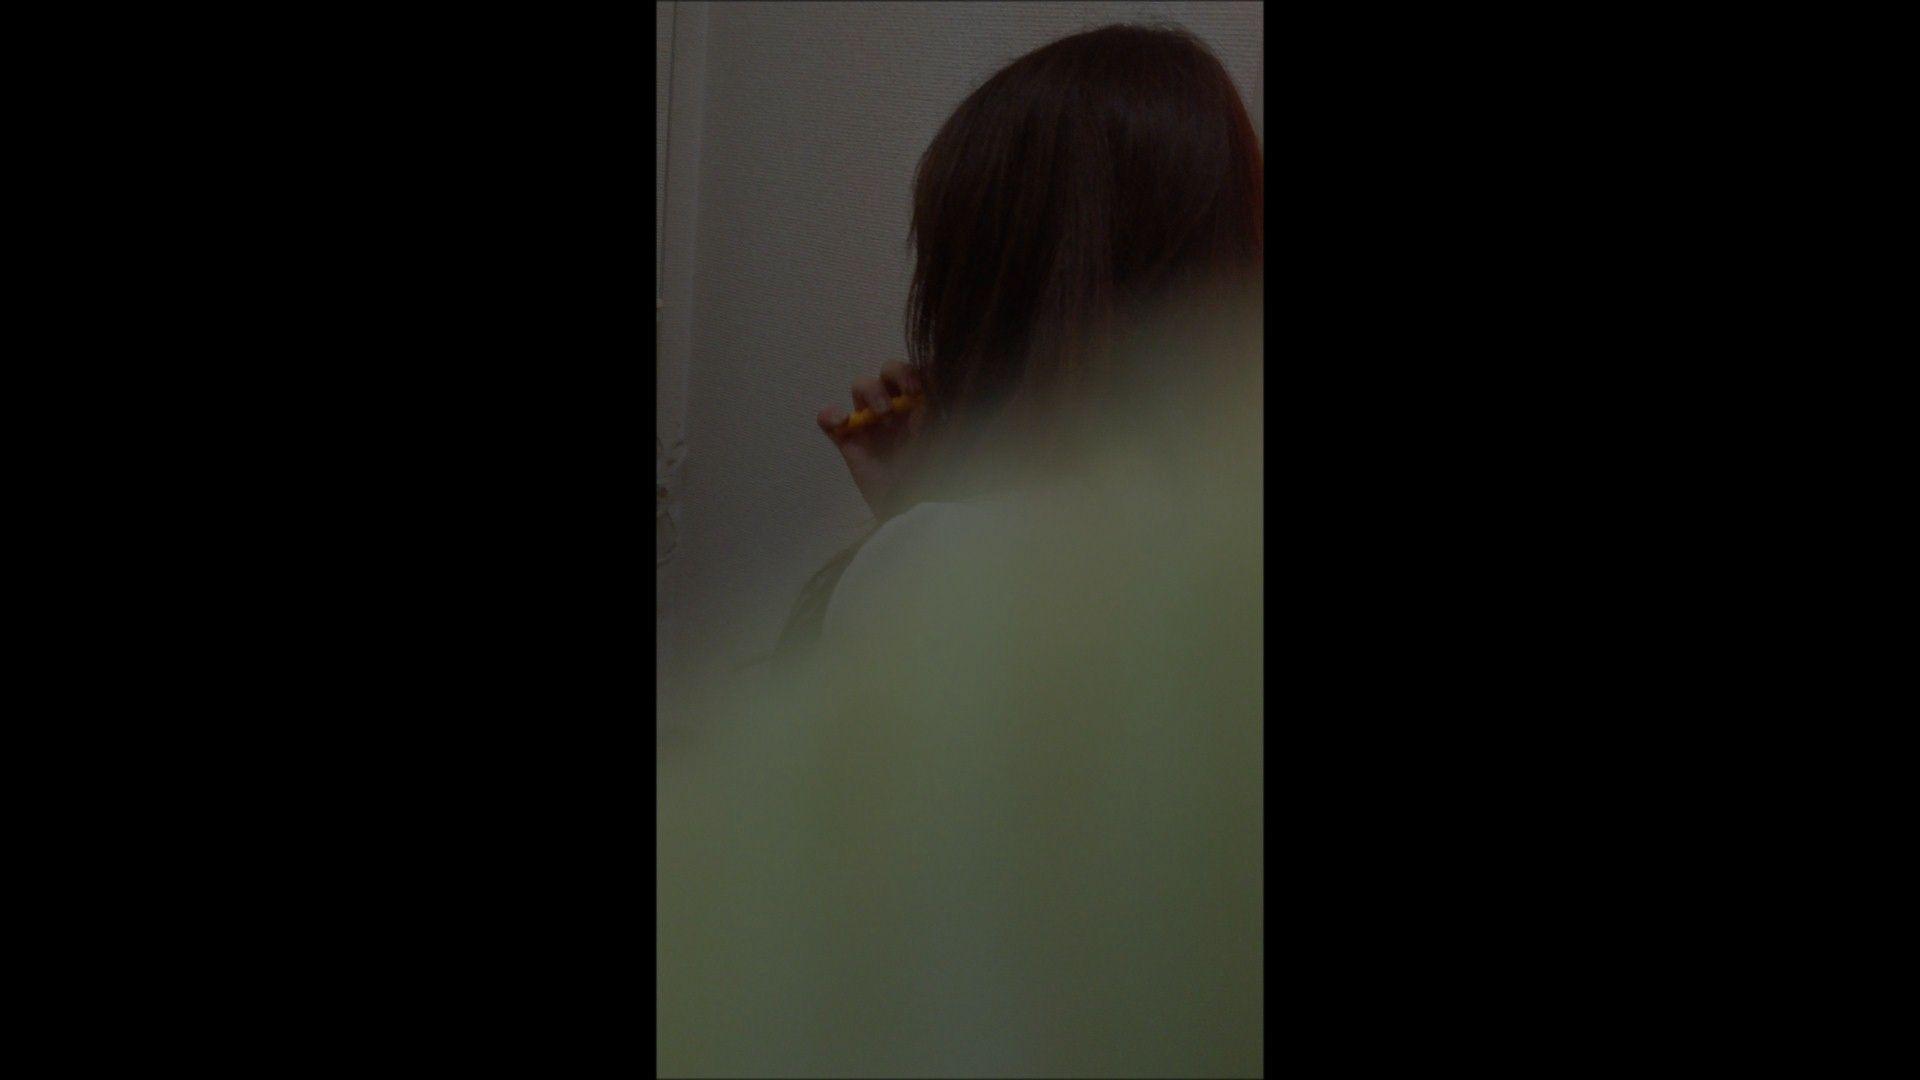 08(8日目)メイク中の彼女の顔を撮りました! マンコ特集 | オマンコ丸見え  59連発 33